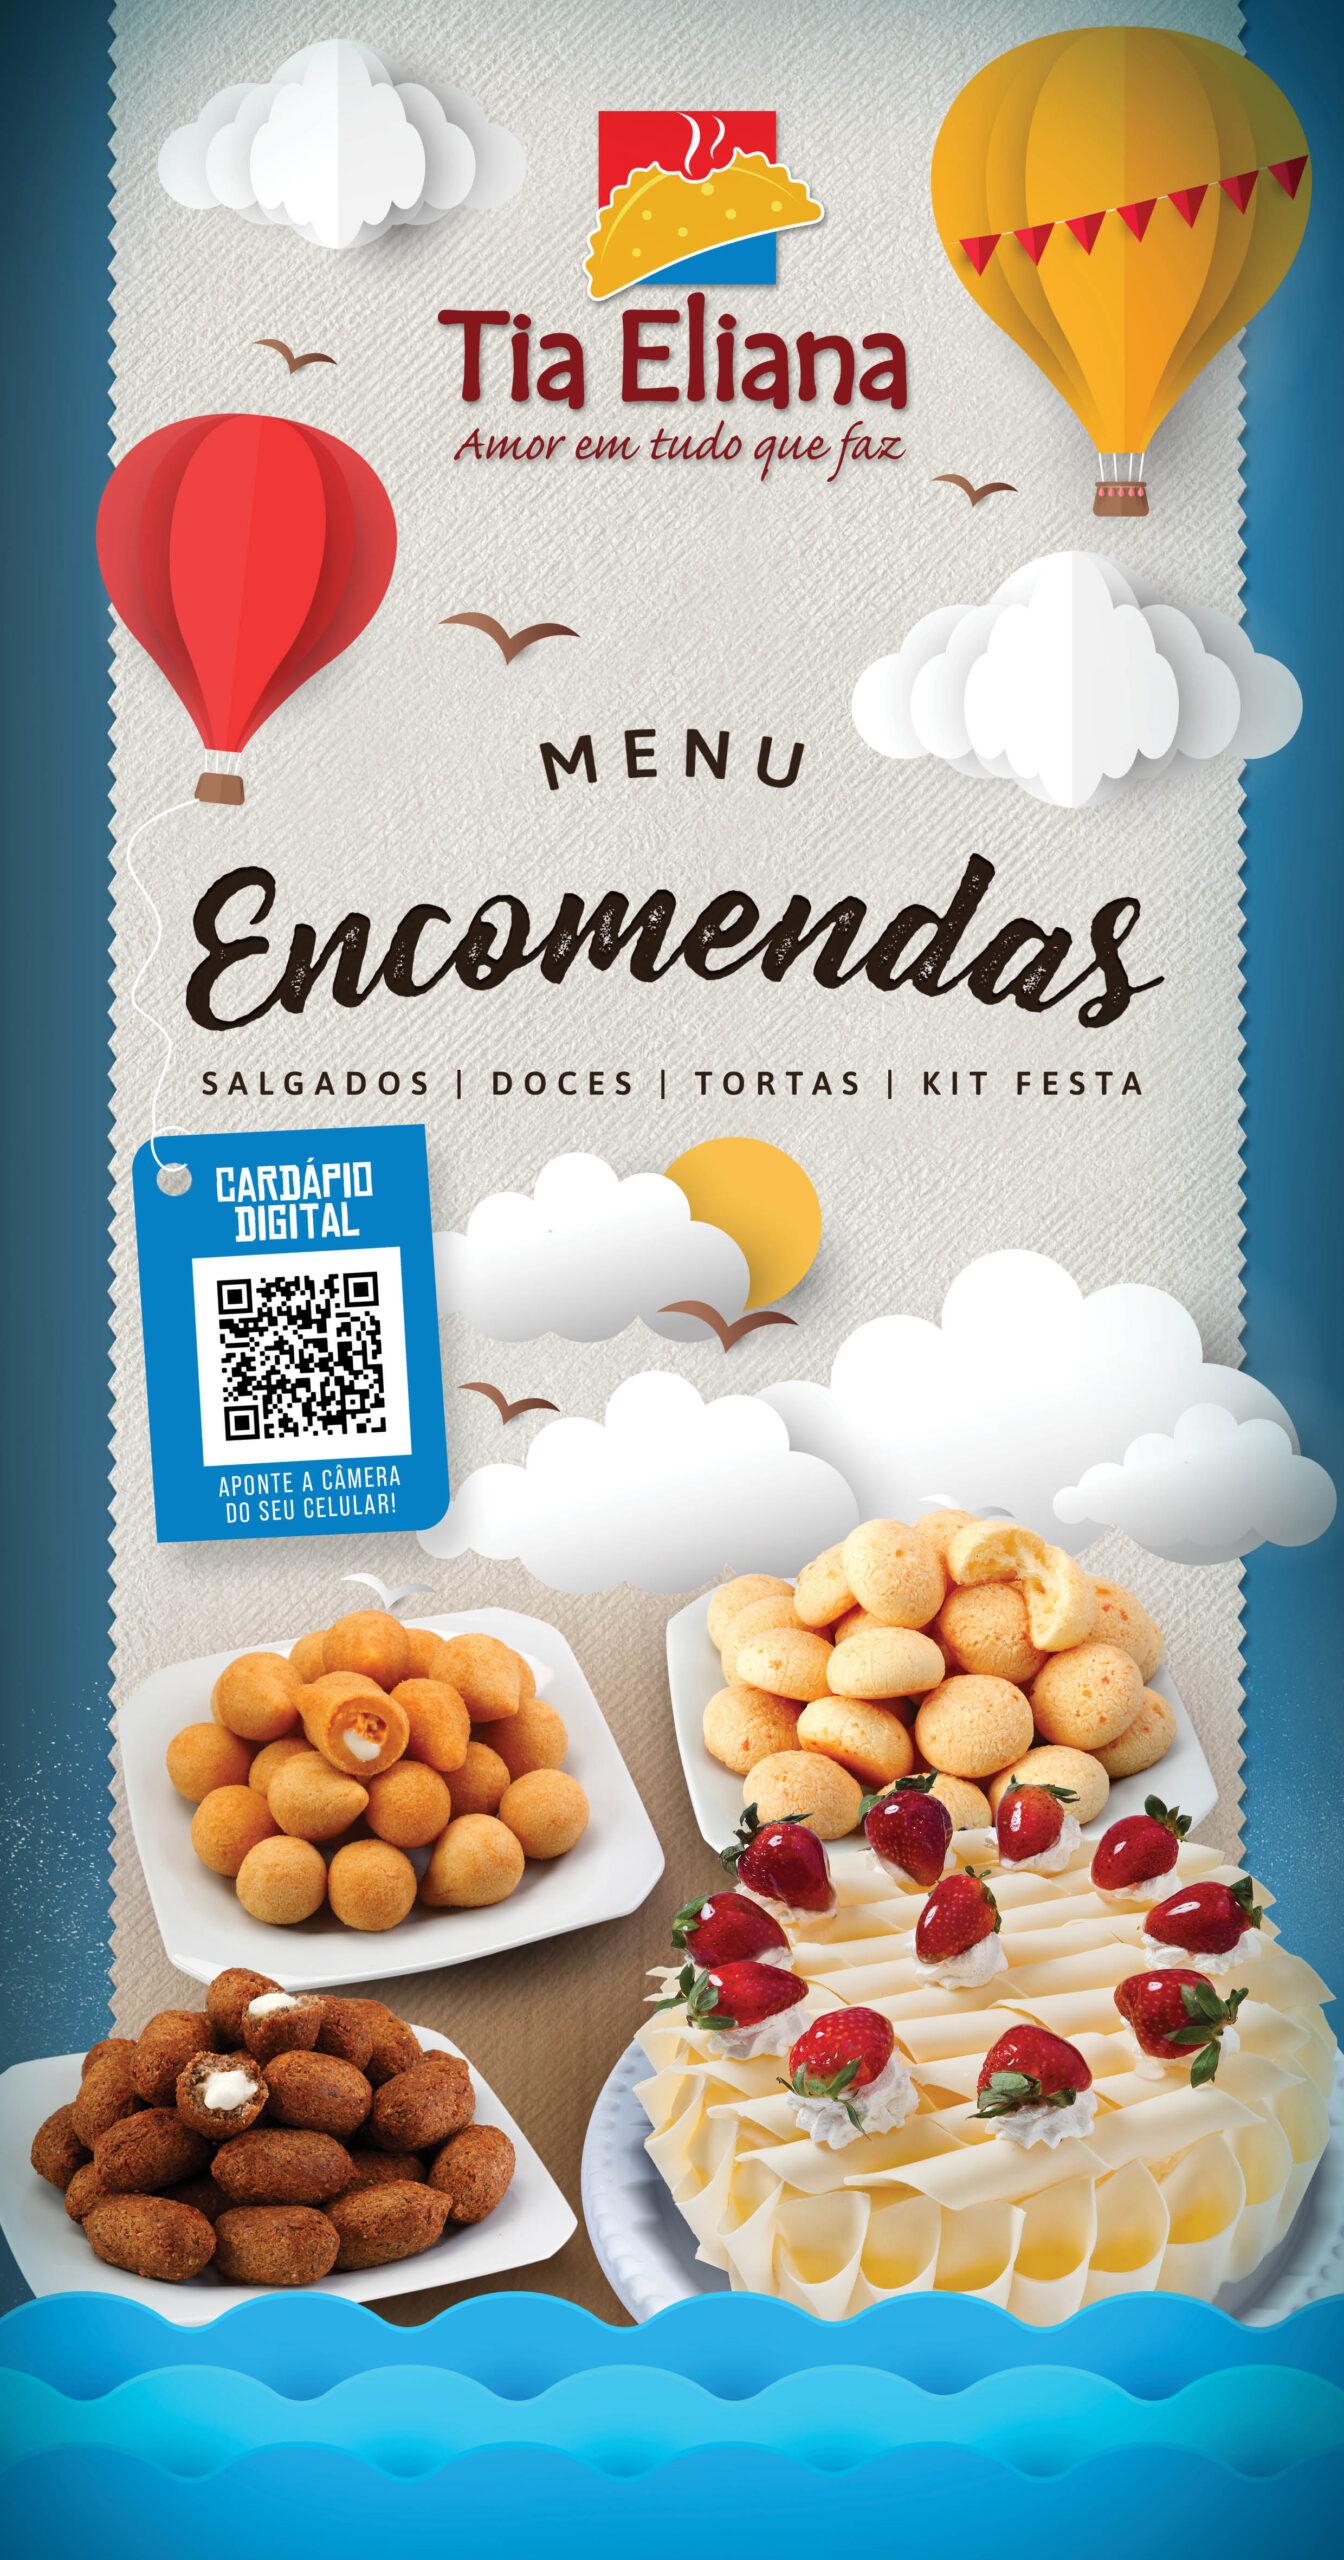 cardapio_encomendas_40x21cm_tia_eliana_interior_itabira_NR_v2-scaled Encomendas - Itabira - NR